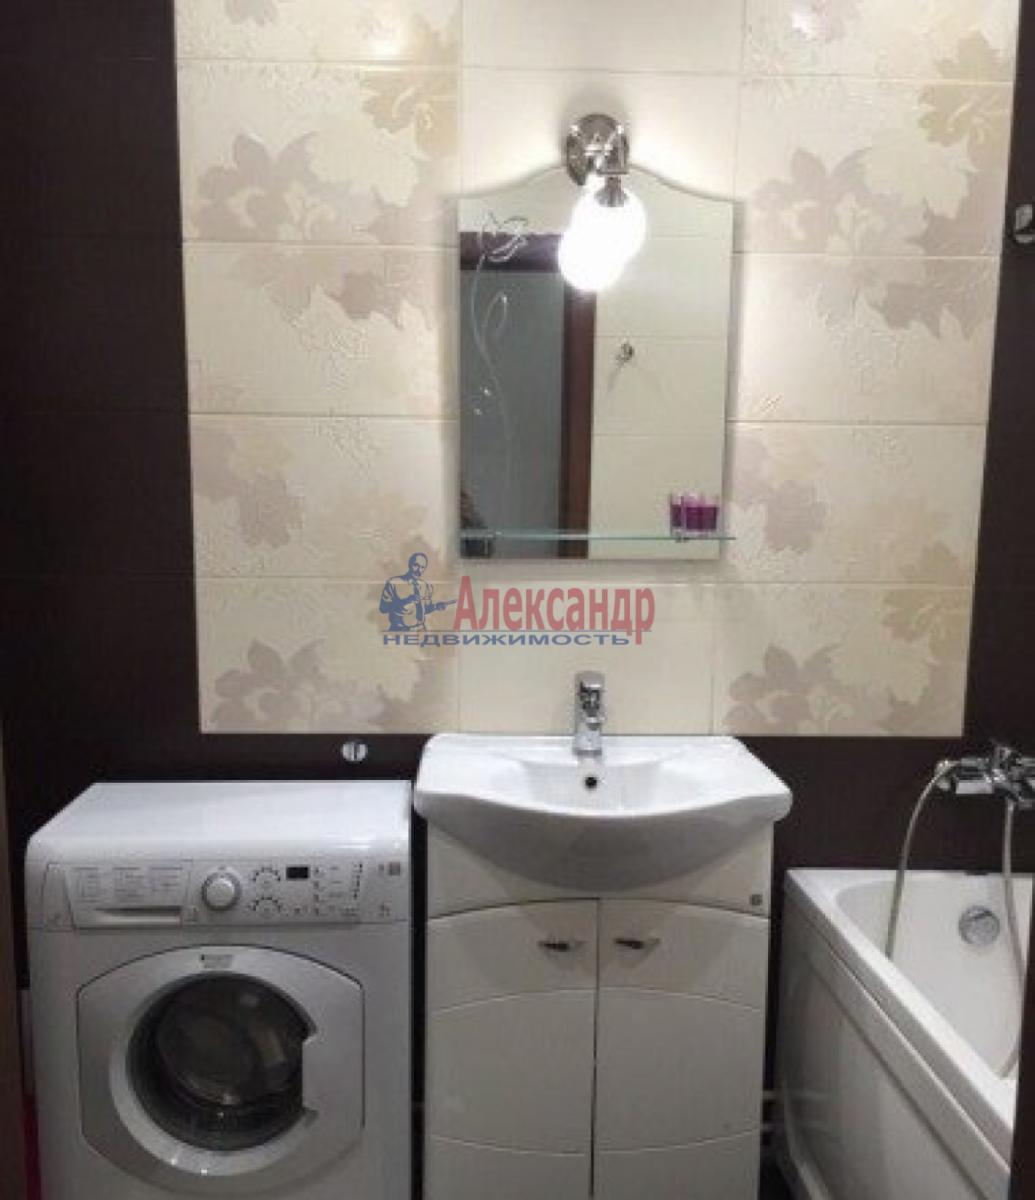 2-комнатная квартира (80м2) в аренду по адресу Космонавтов пр., 61— фото 4 из 5